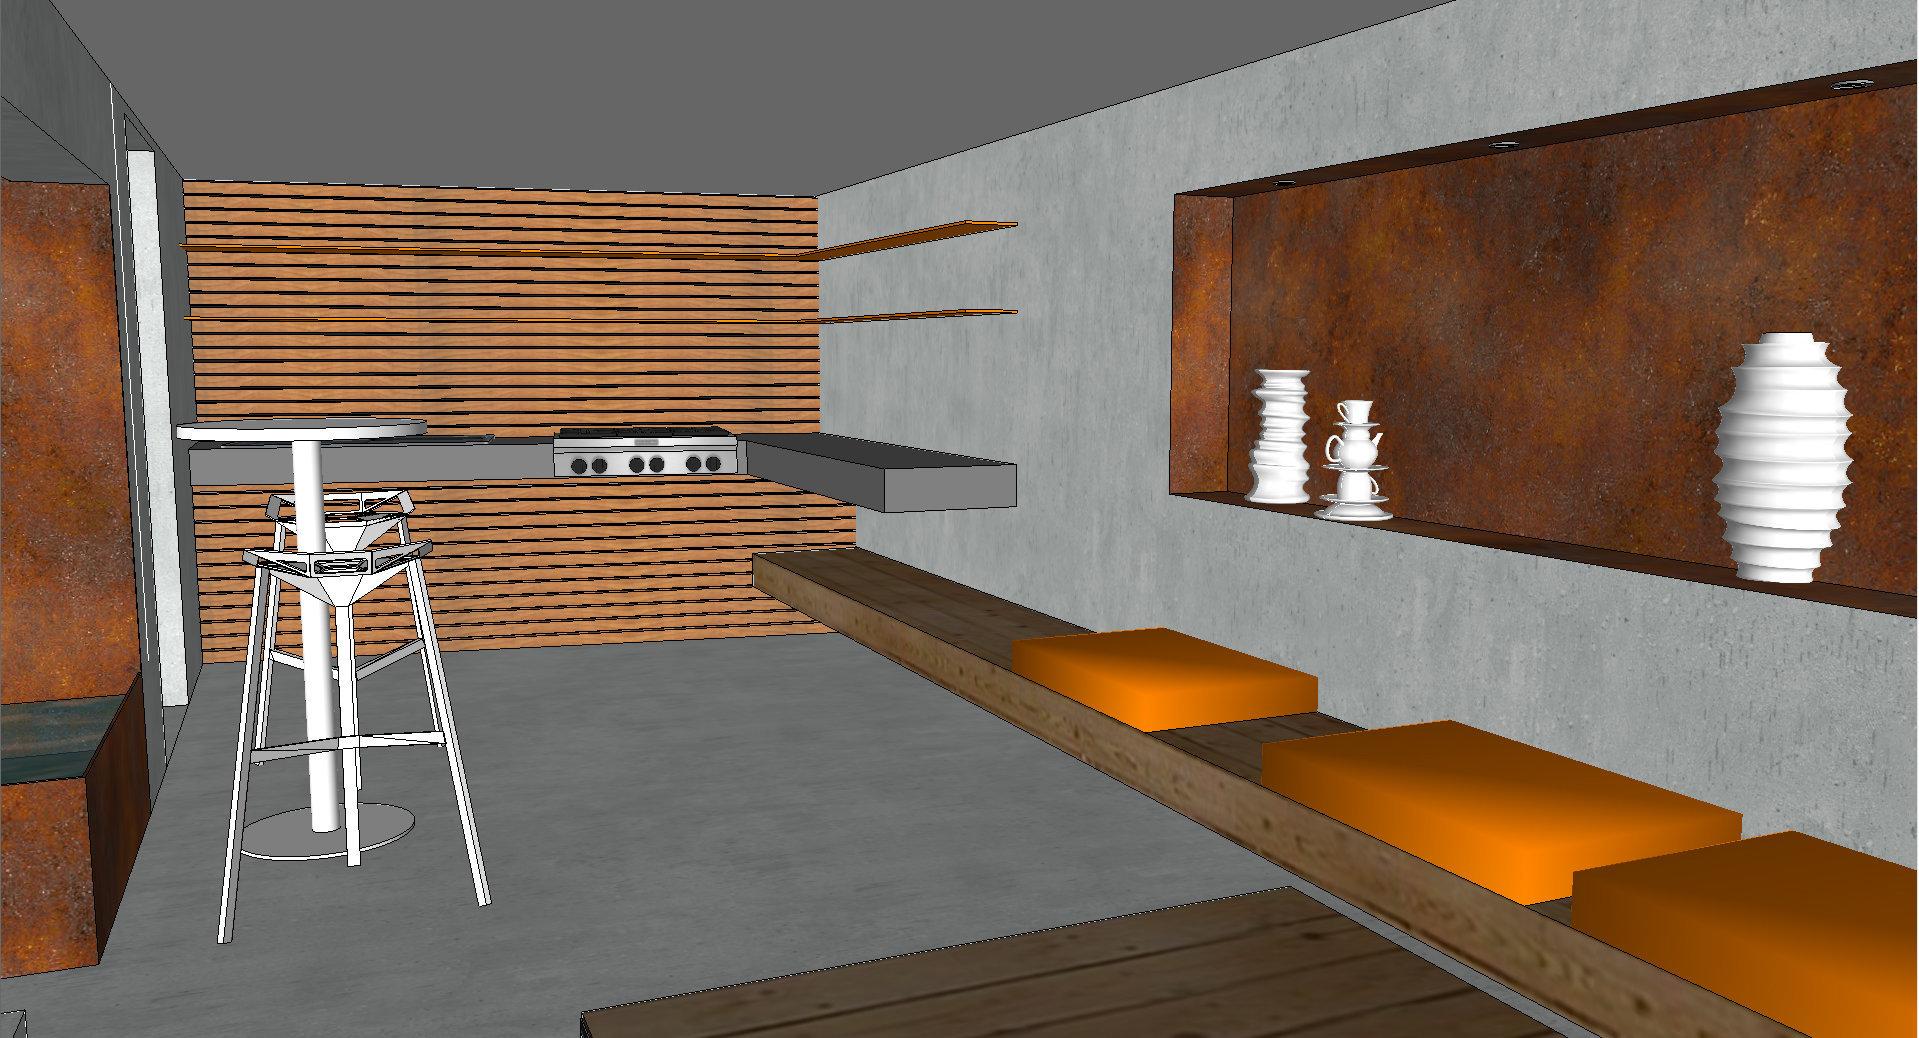 10 vue intérieur cuisine.jpg